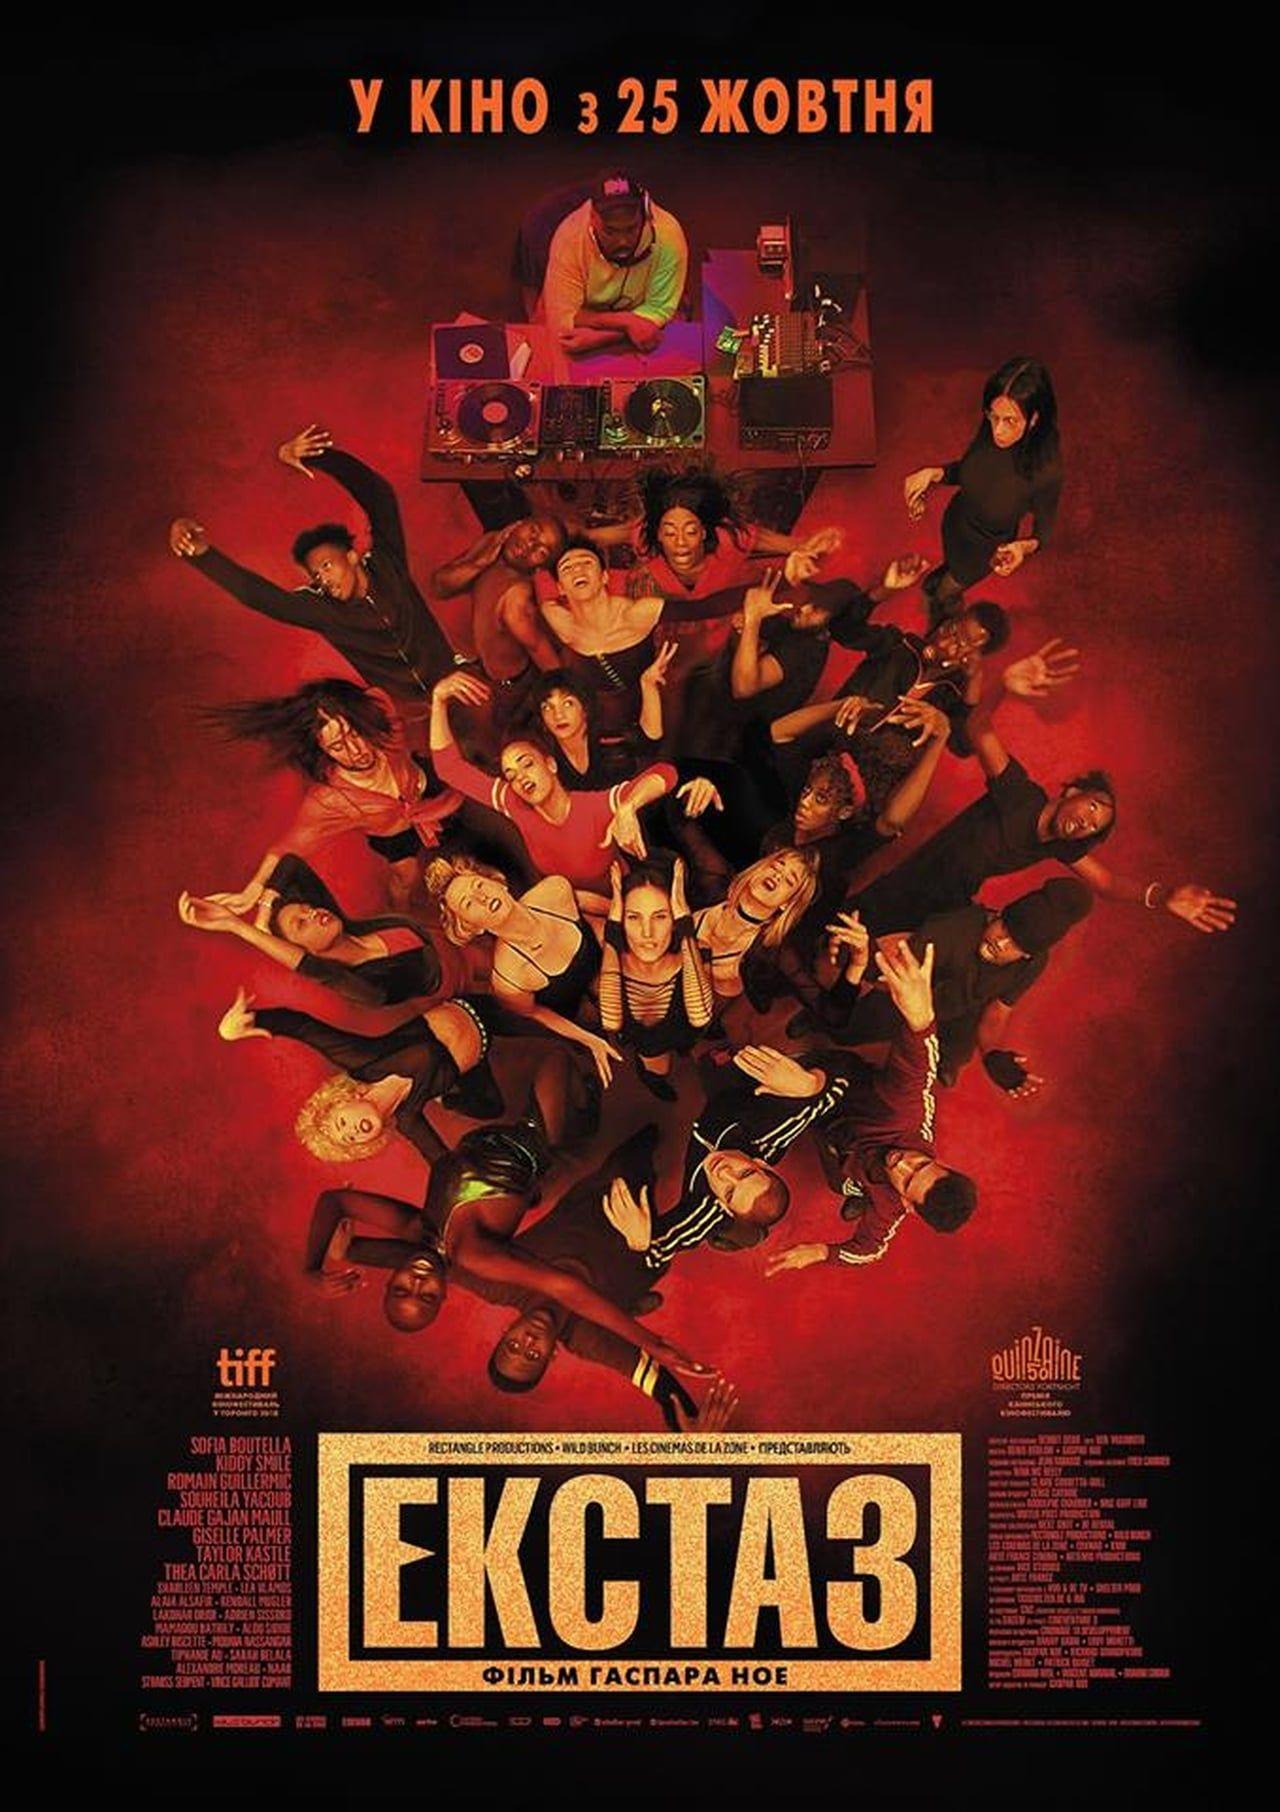 descargar movie maker 2010 gratis en español